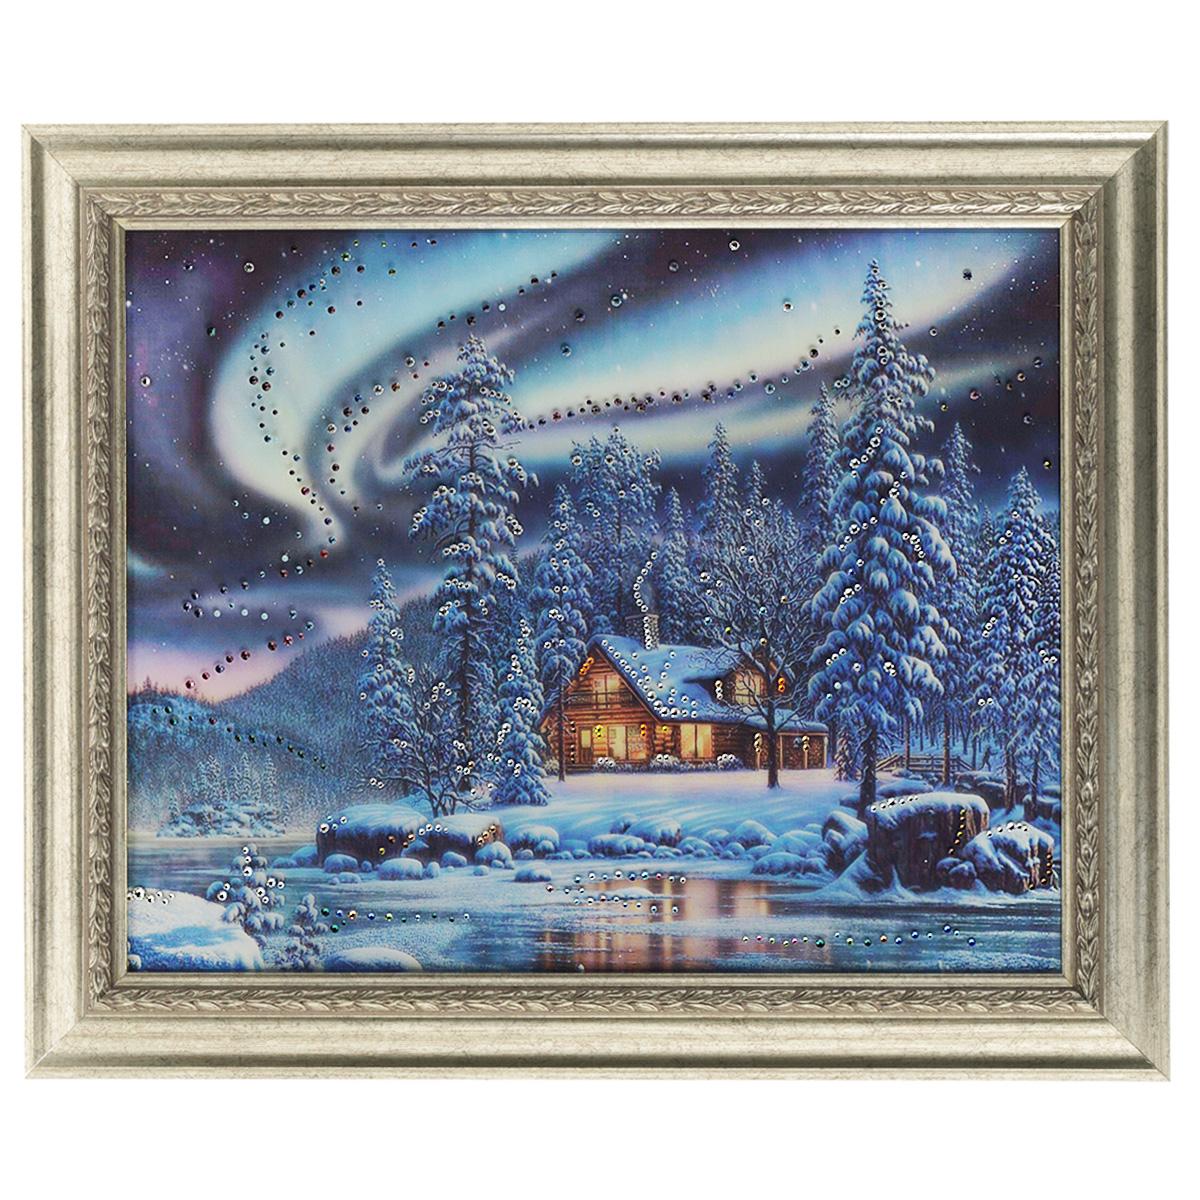 Картина с кристаллами Swarovski Северное сияние, 60 см х 50 см картины в квартиру картина etude 2 102х130 см